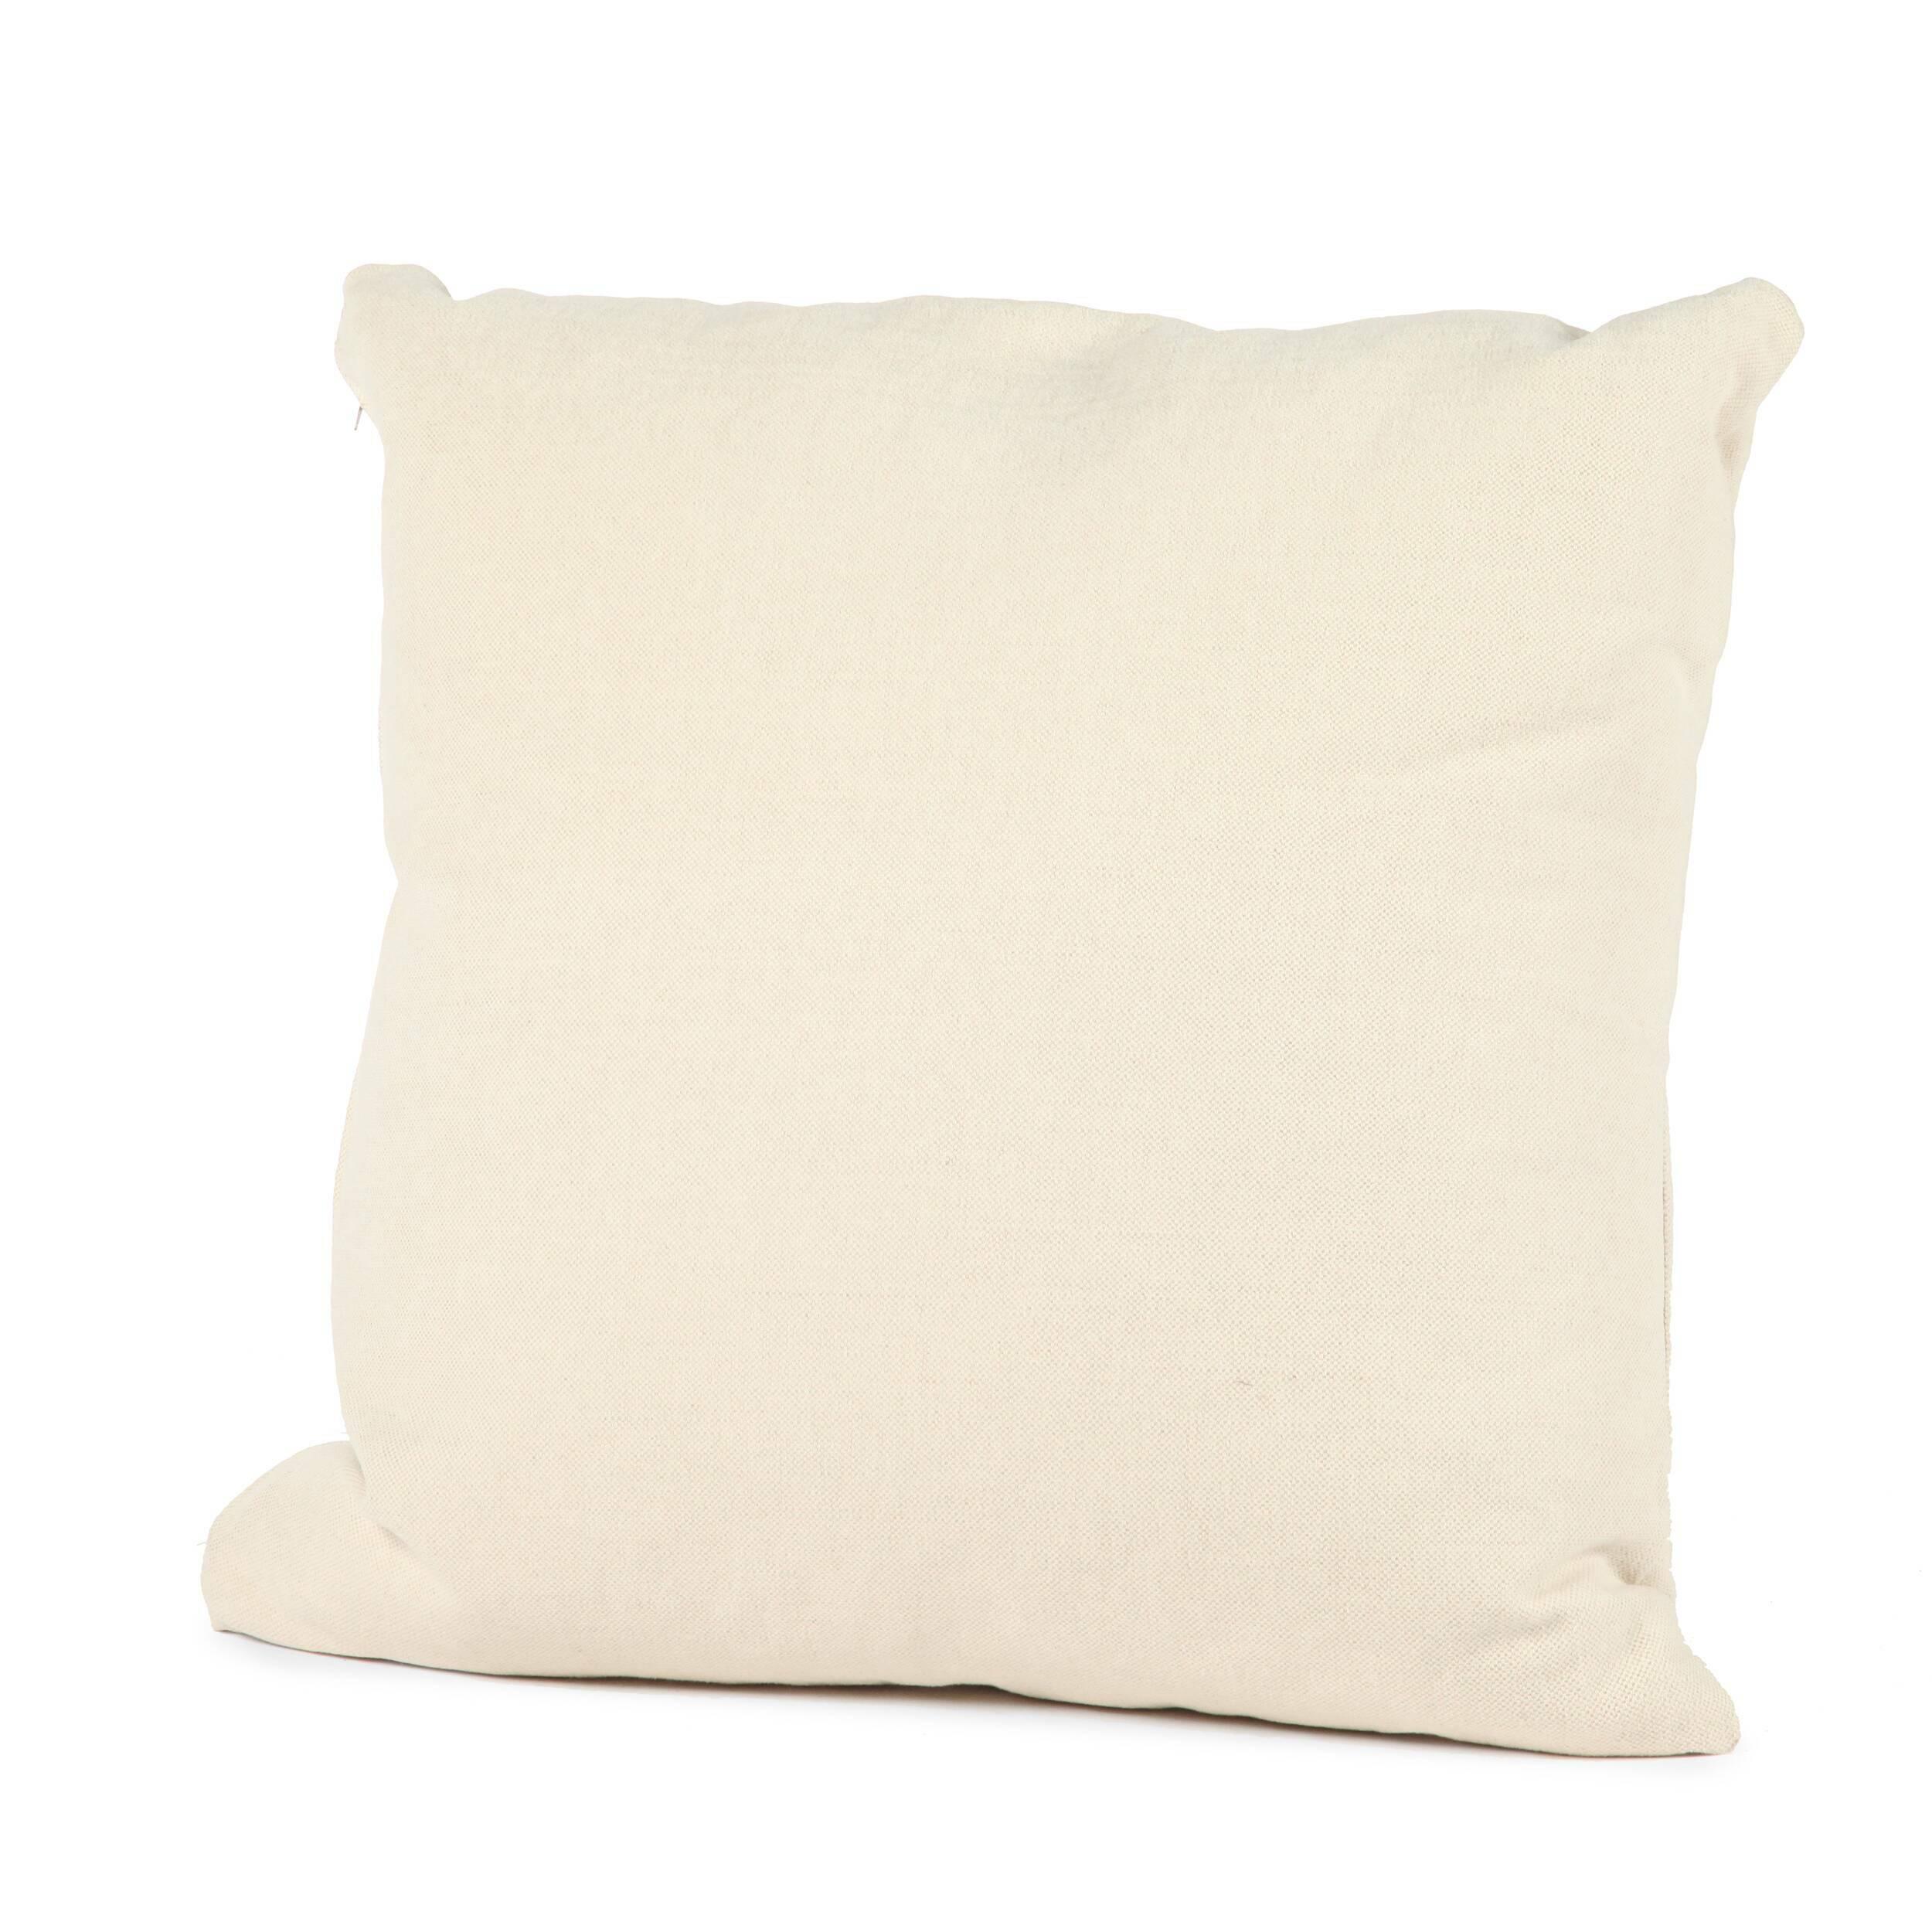 Подушка CarlosДекоративные подушки<br>Дизайнерская тканевая мягкая подушка Carlos (Карлос) от Sits (Ситс).<br><br> Для людей, которые ценят максимальный комфорт и удобство в интерьере, диванные декоративные подушки имеют особое значение. Это и украшение интерьера, и отличный отдых, ведь такие подушки можно использовать практически везде. Они годятся даже для посиделок на полу во время девичников или пижамных вечеринок, где таким предметам интерьера будут рады абсолютно все.<br><br><br> Оригинальная подушка Carlos имеет небольшие размеры, ...<br><br>stock: 0<br>Ширина: 55<br>Материал: Ткань<br>Цвет: Светло-бежевый<br>Длина: 55